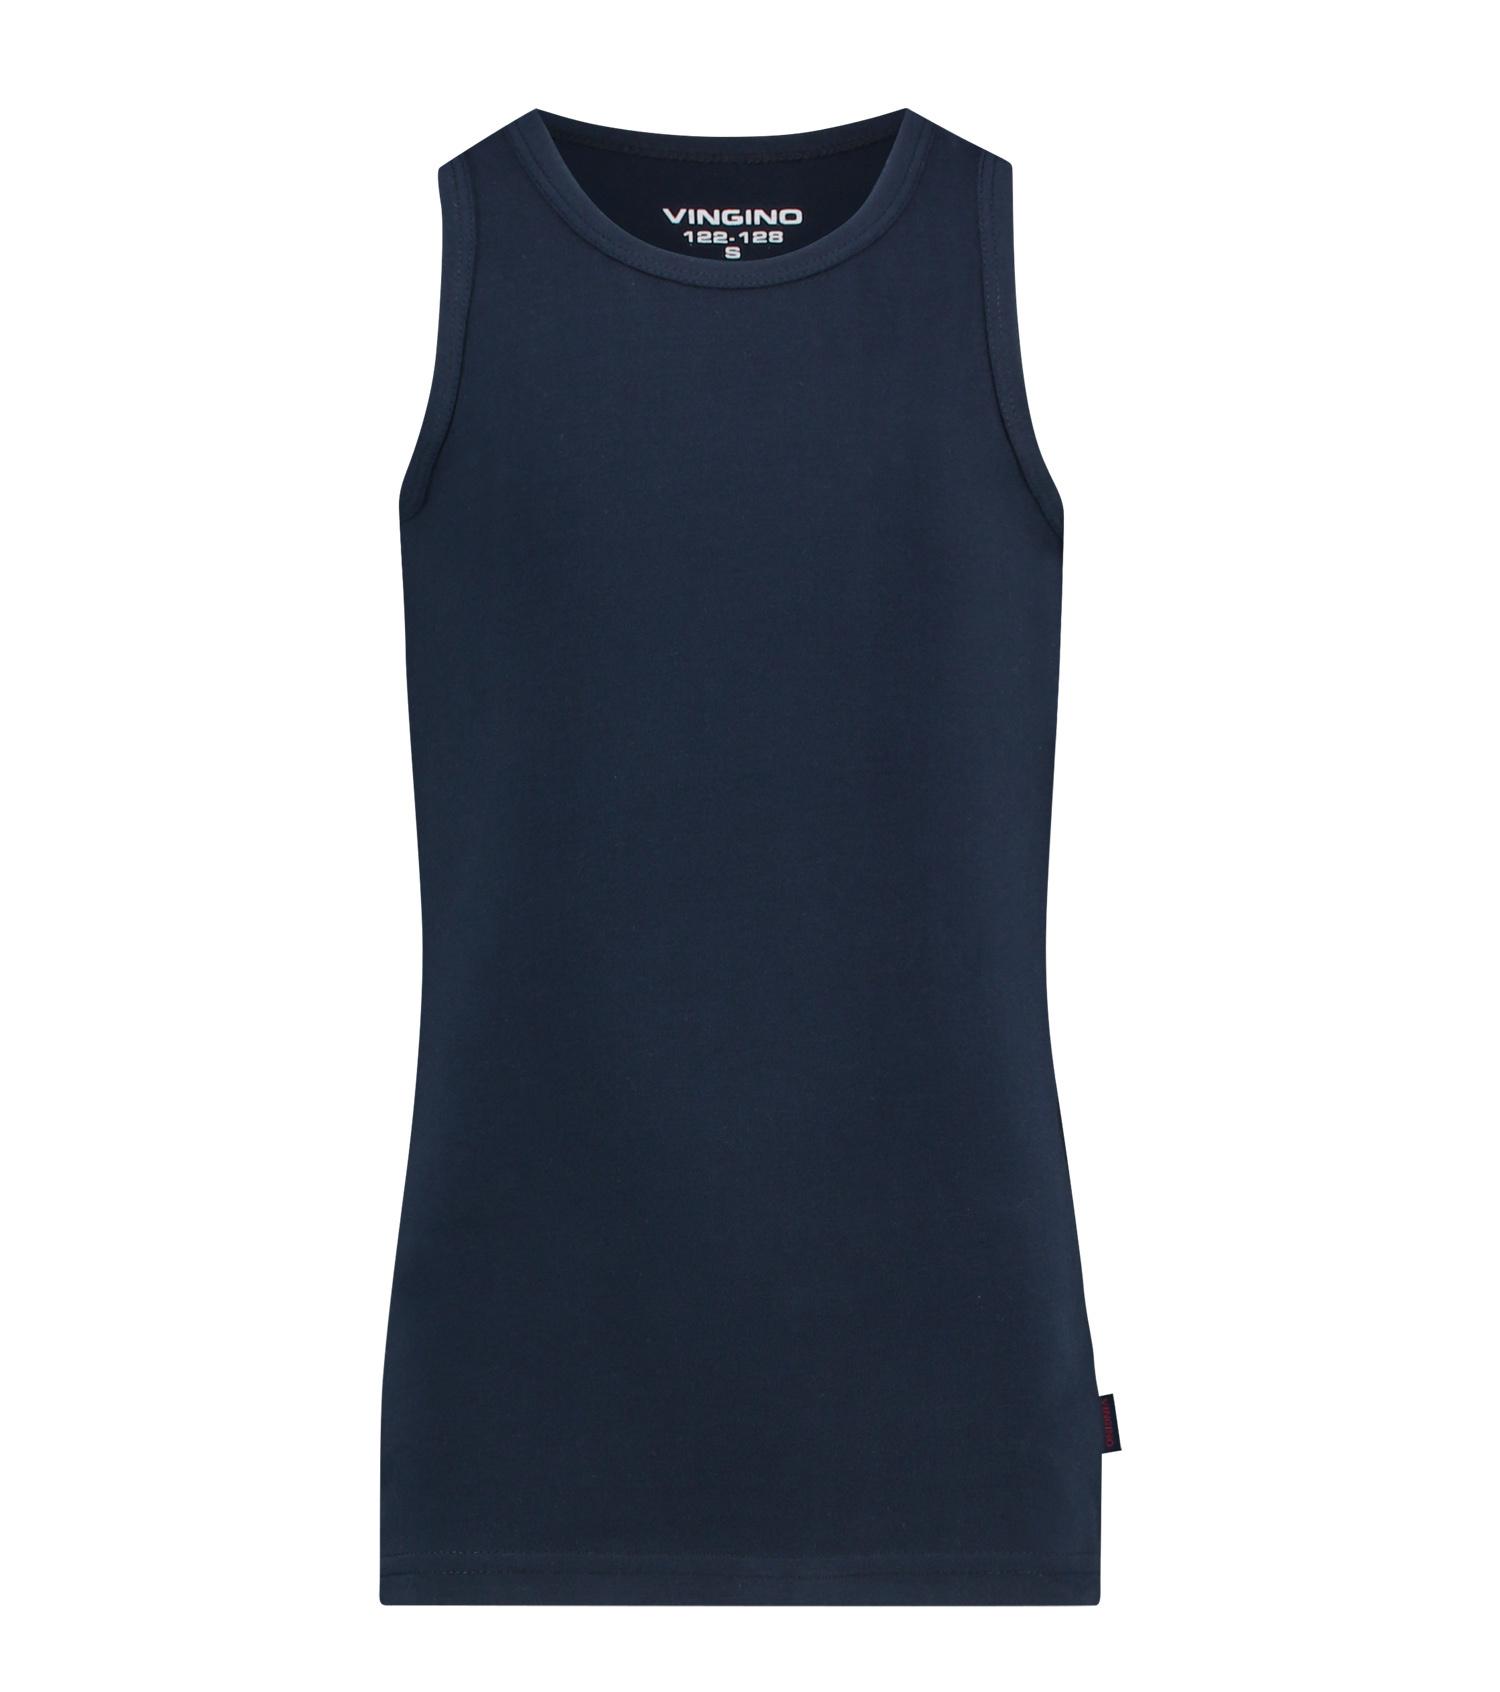 Vingino jongens onderhemd 72201